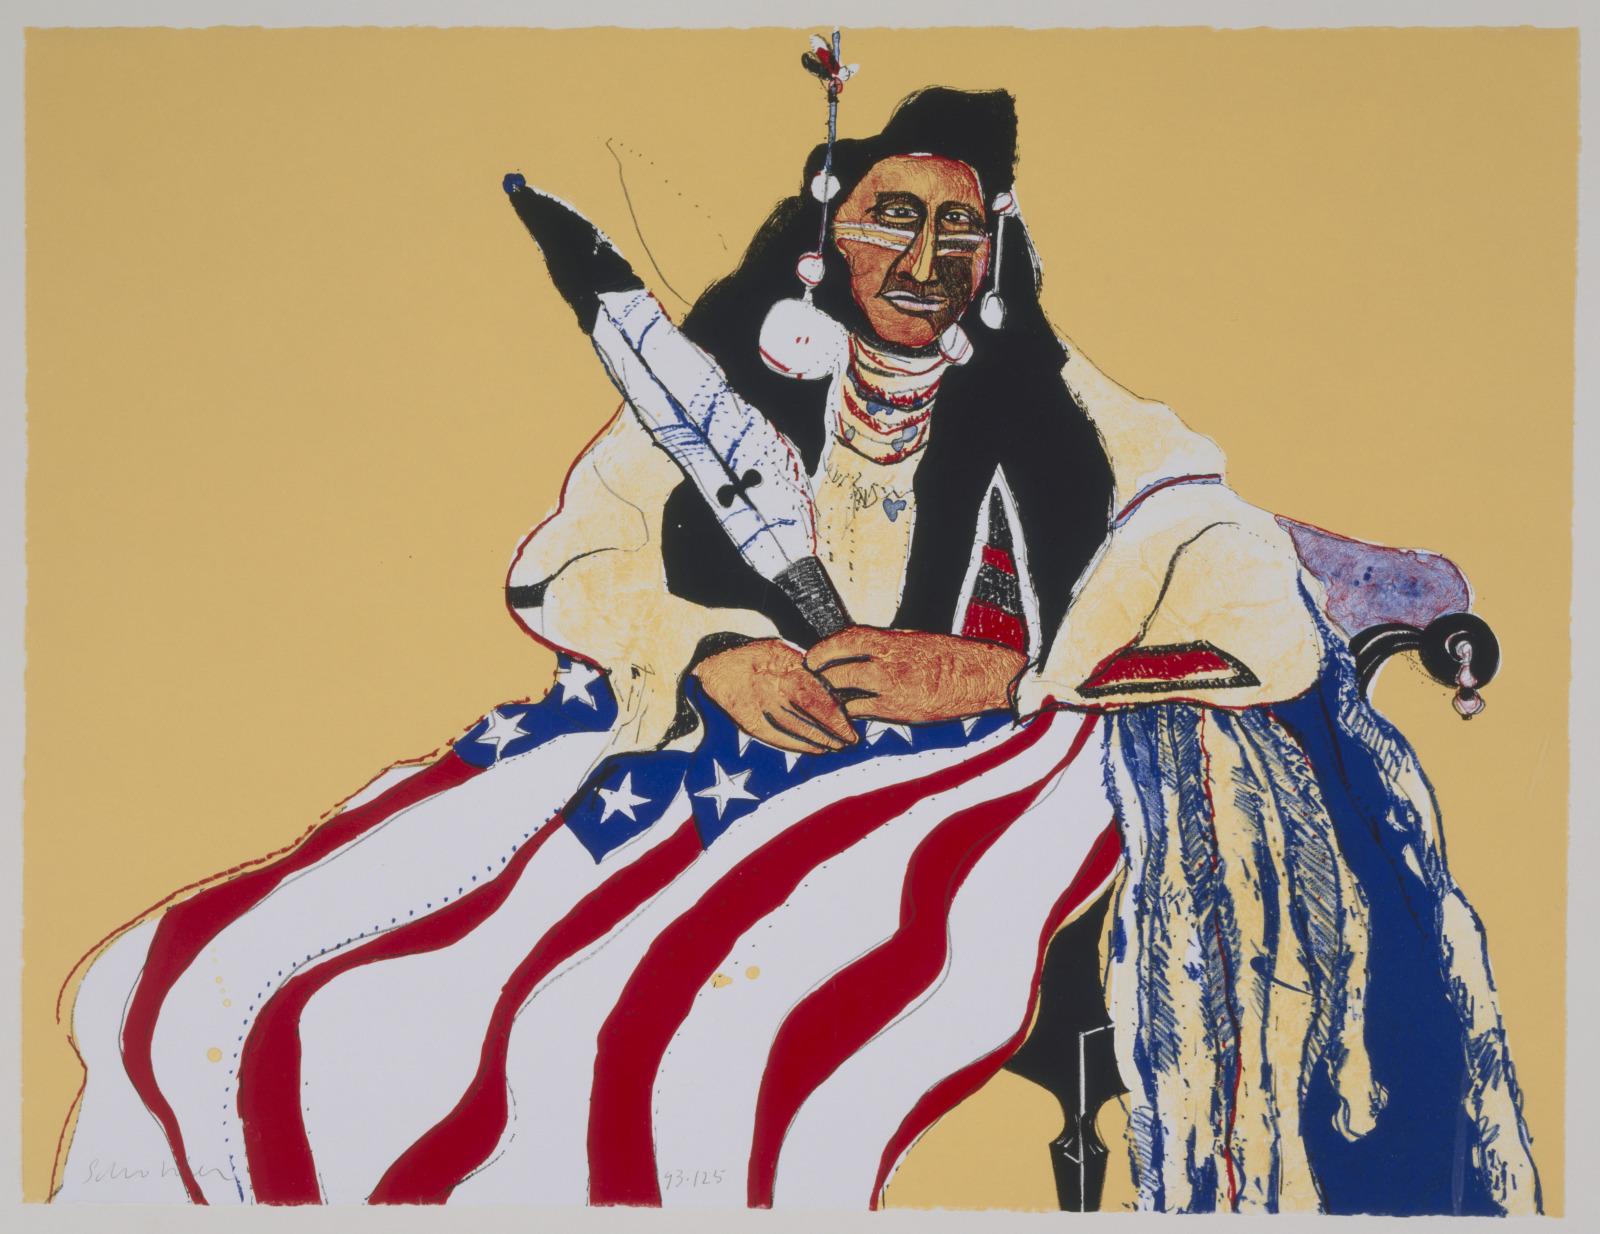 Bicentennial Indian by Fritz Scholder